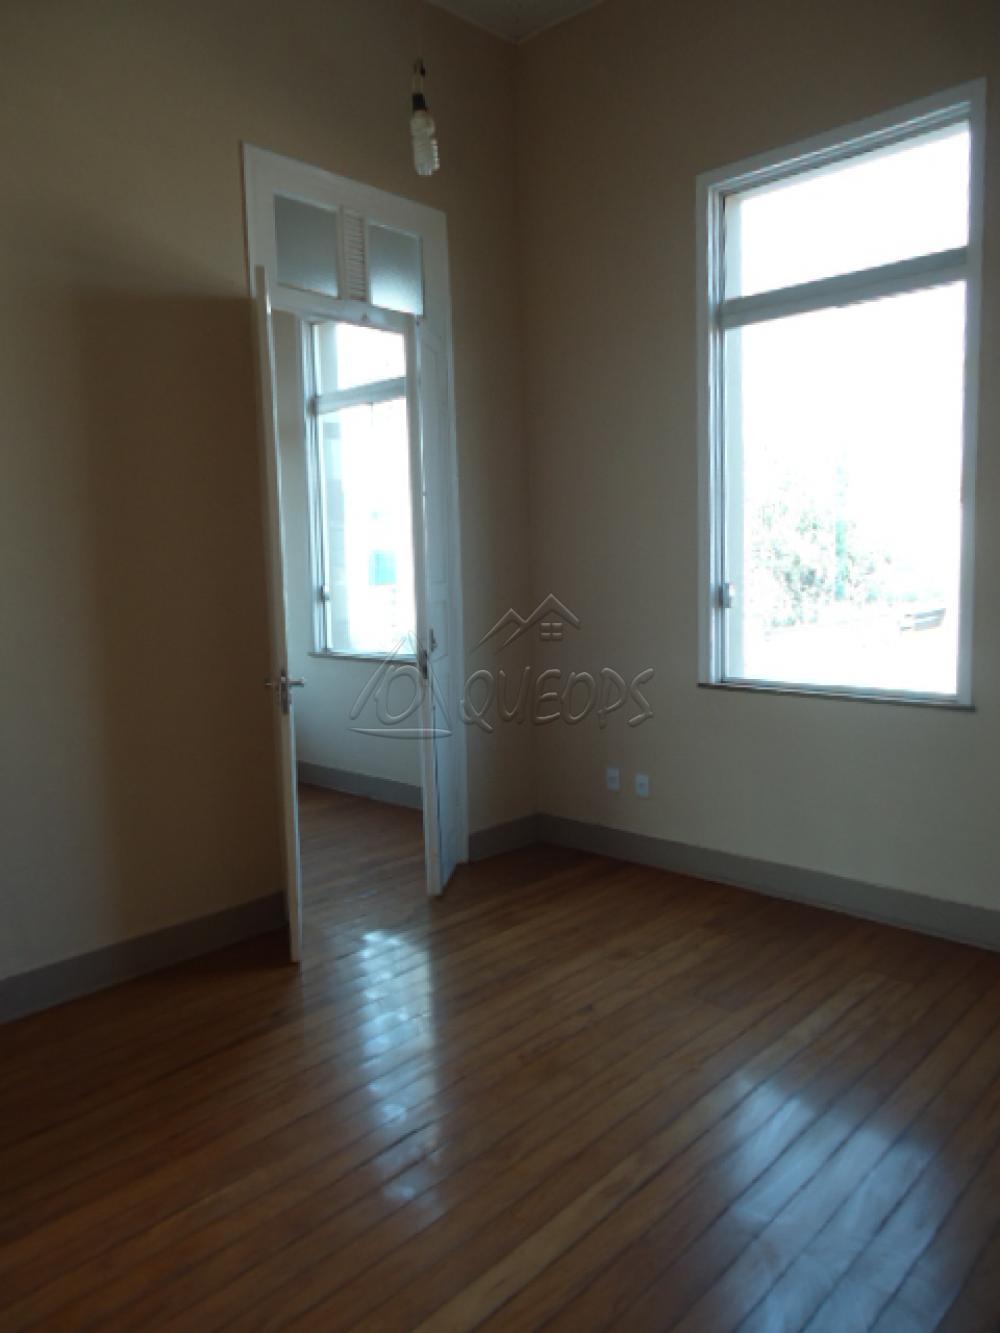 Alugar Casa / Padrão em Barretos apenas R$ 5.000,00 - Foto 29